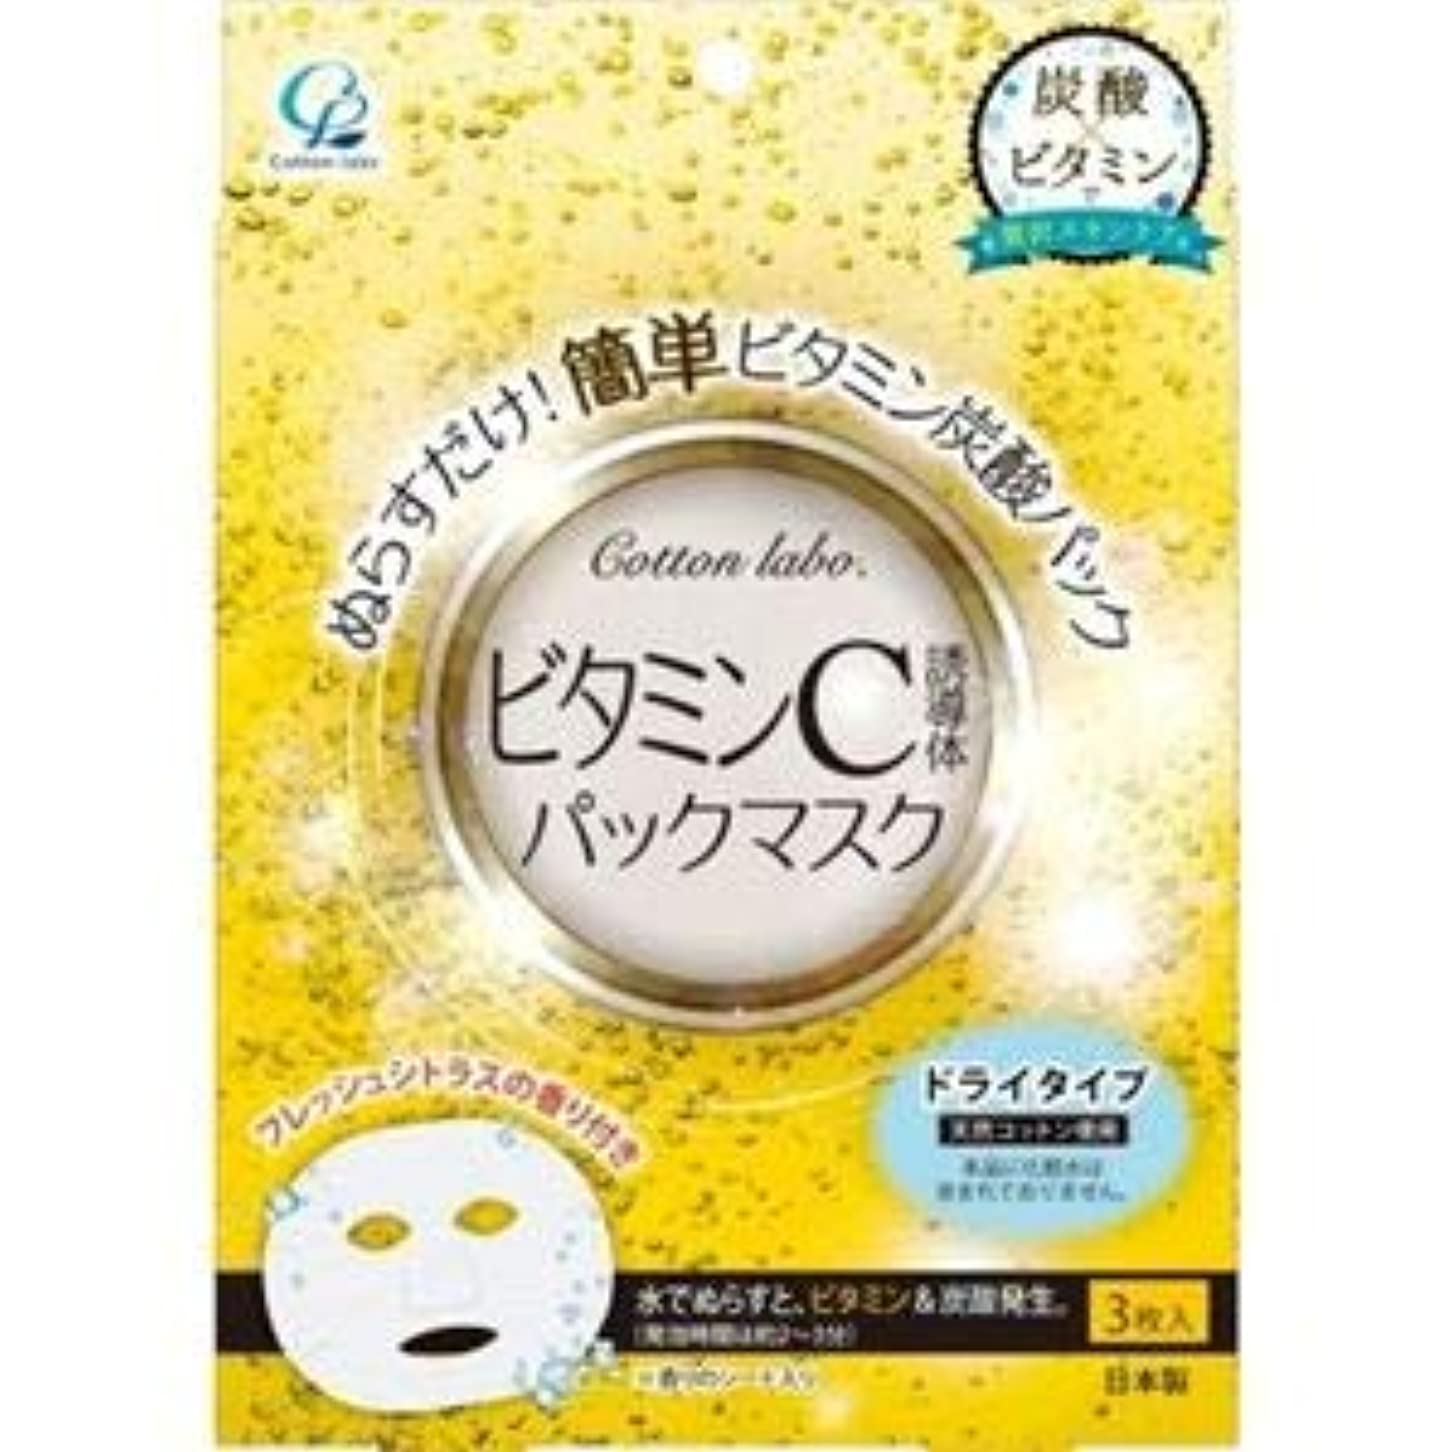 掘る強大な繁雑(まとめ)コットンラボ ビタミンパックマスク3枚 【×5点セット】